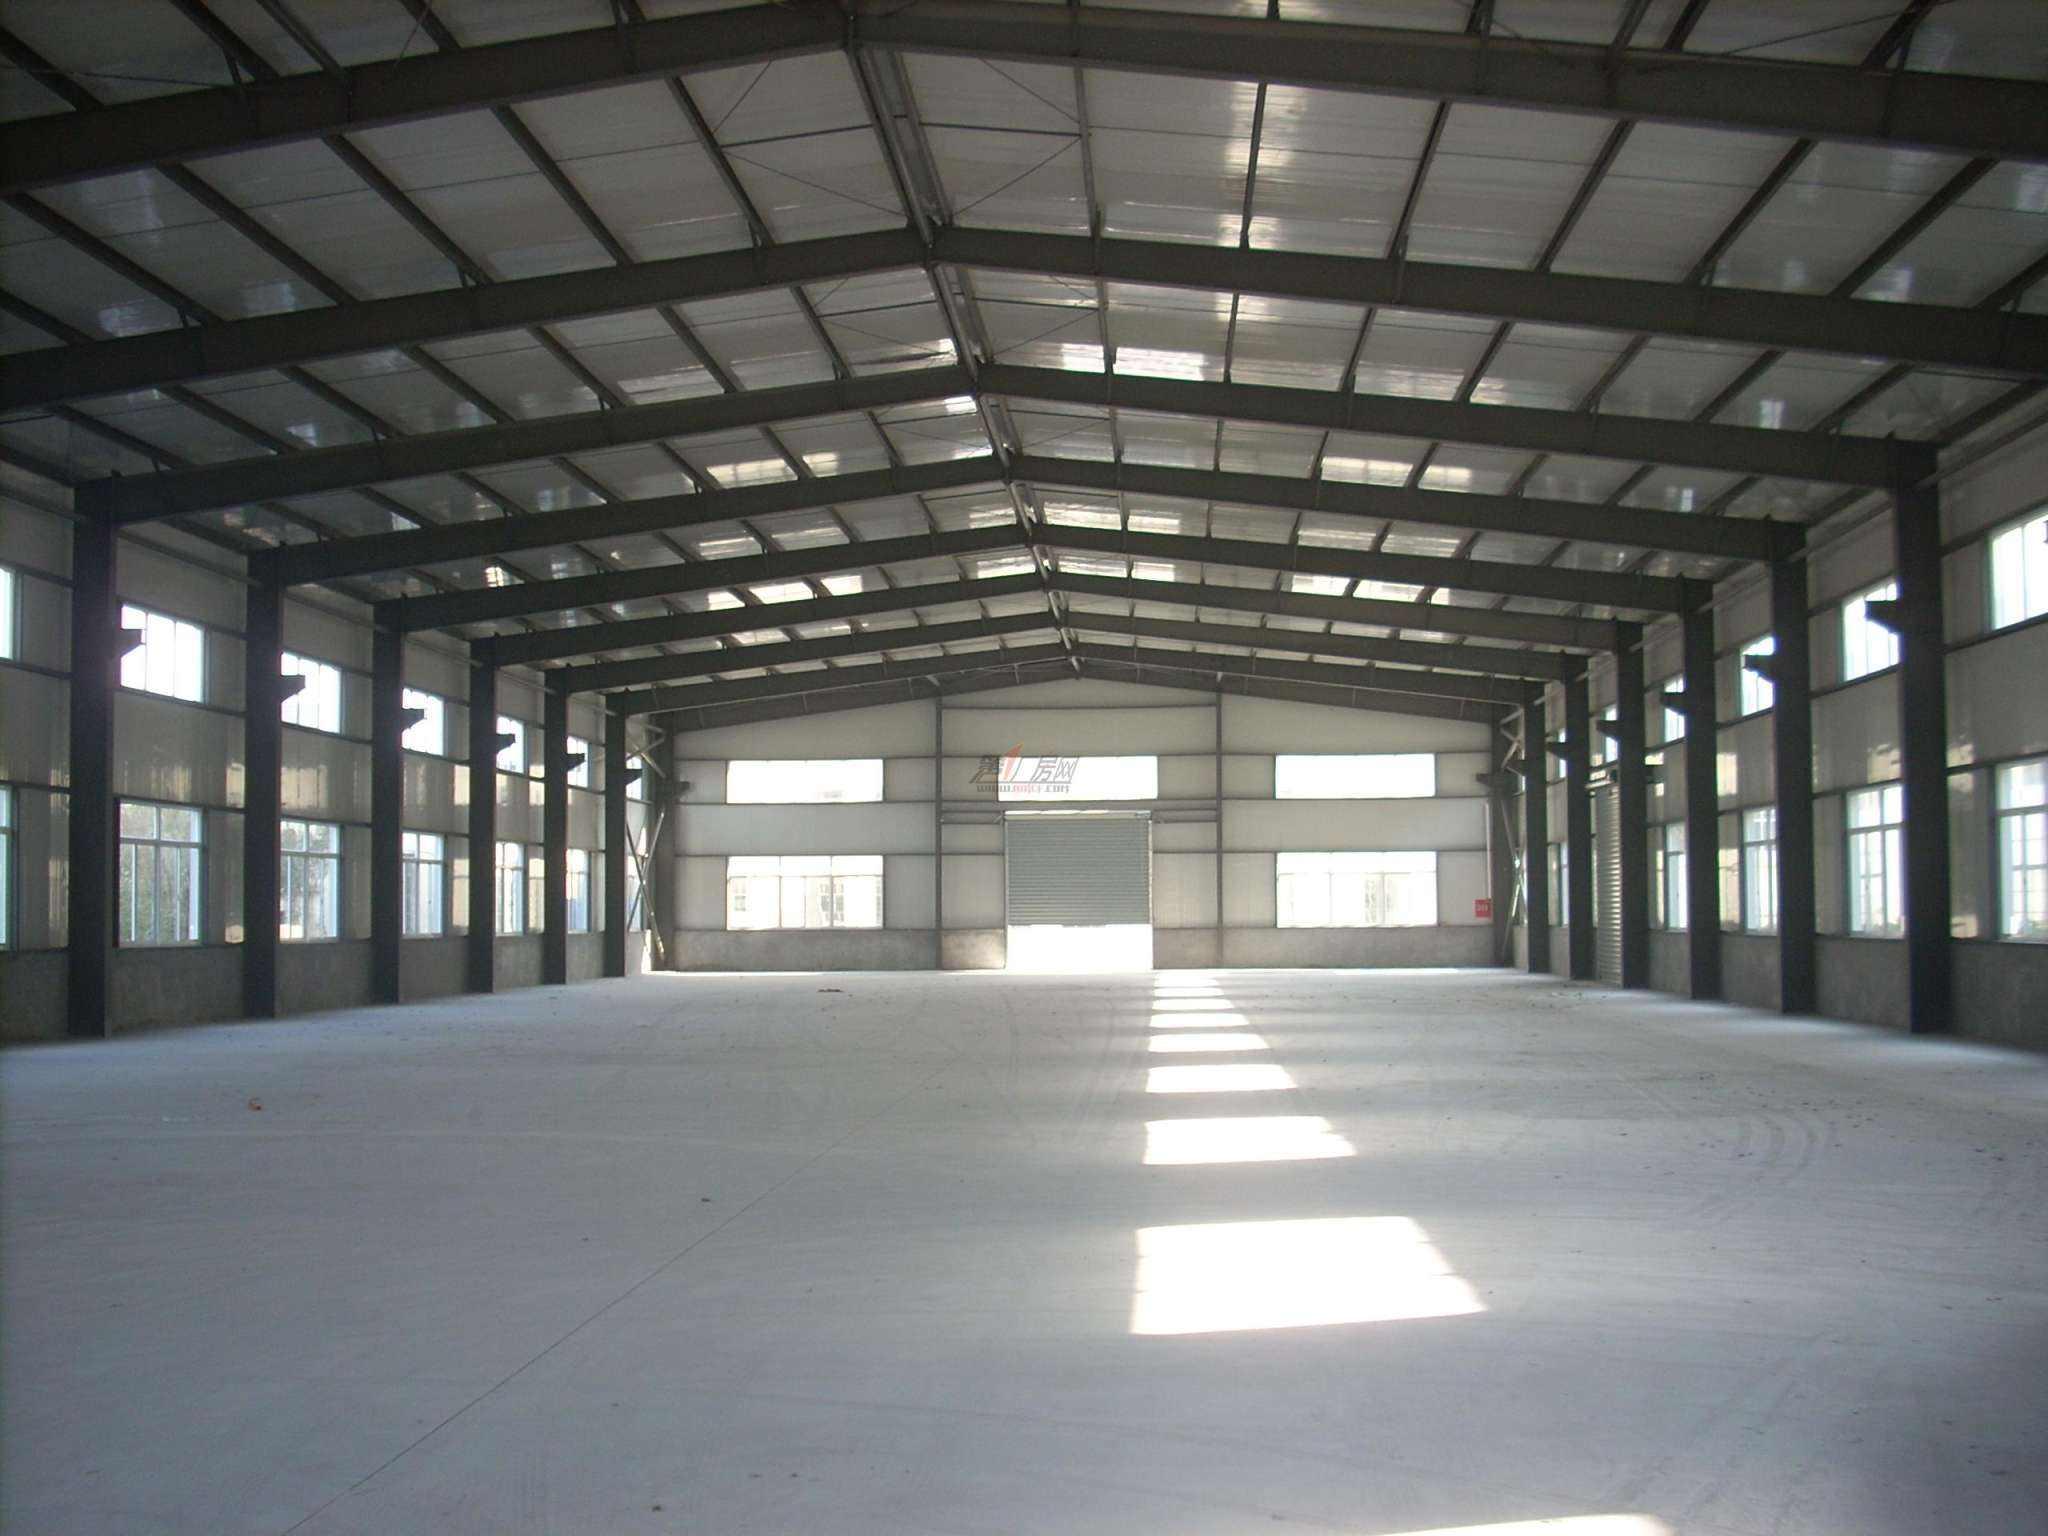 钢结构如何防腐蚀,有什么措施?